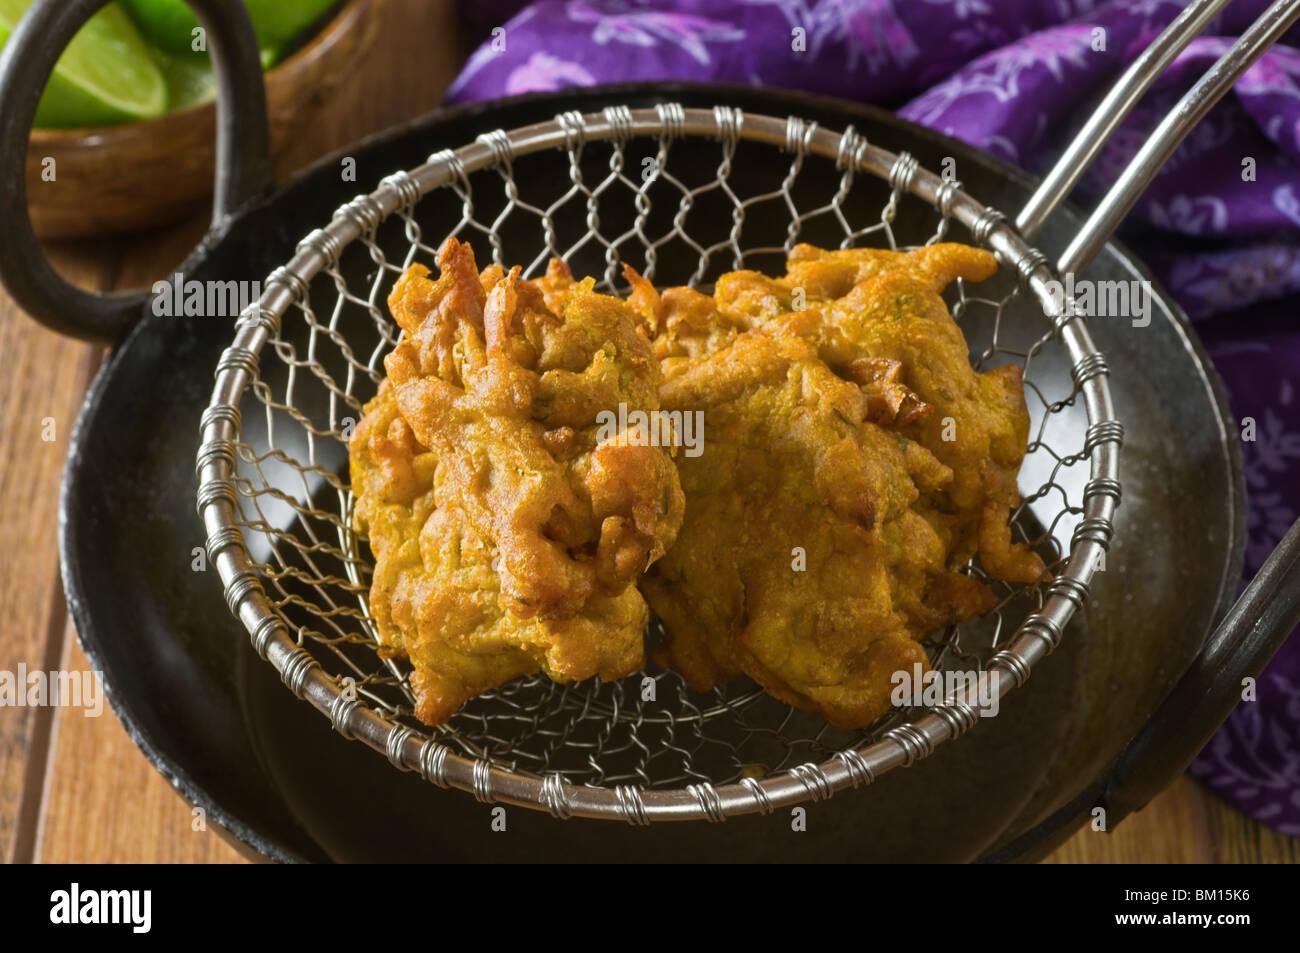 Onion bhajis onion pakoras indian food stock photo 29529898 alamy onion bhajis onion pakoras indian food forumfinder Gallery